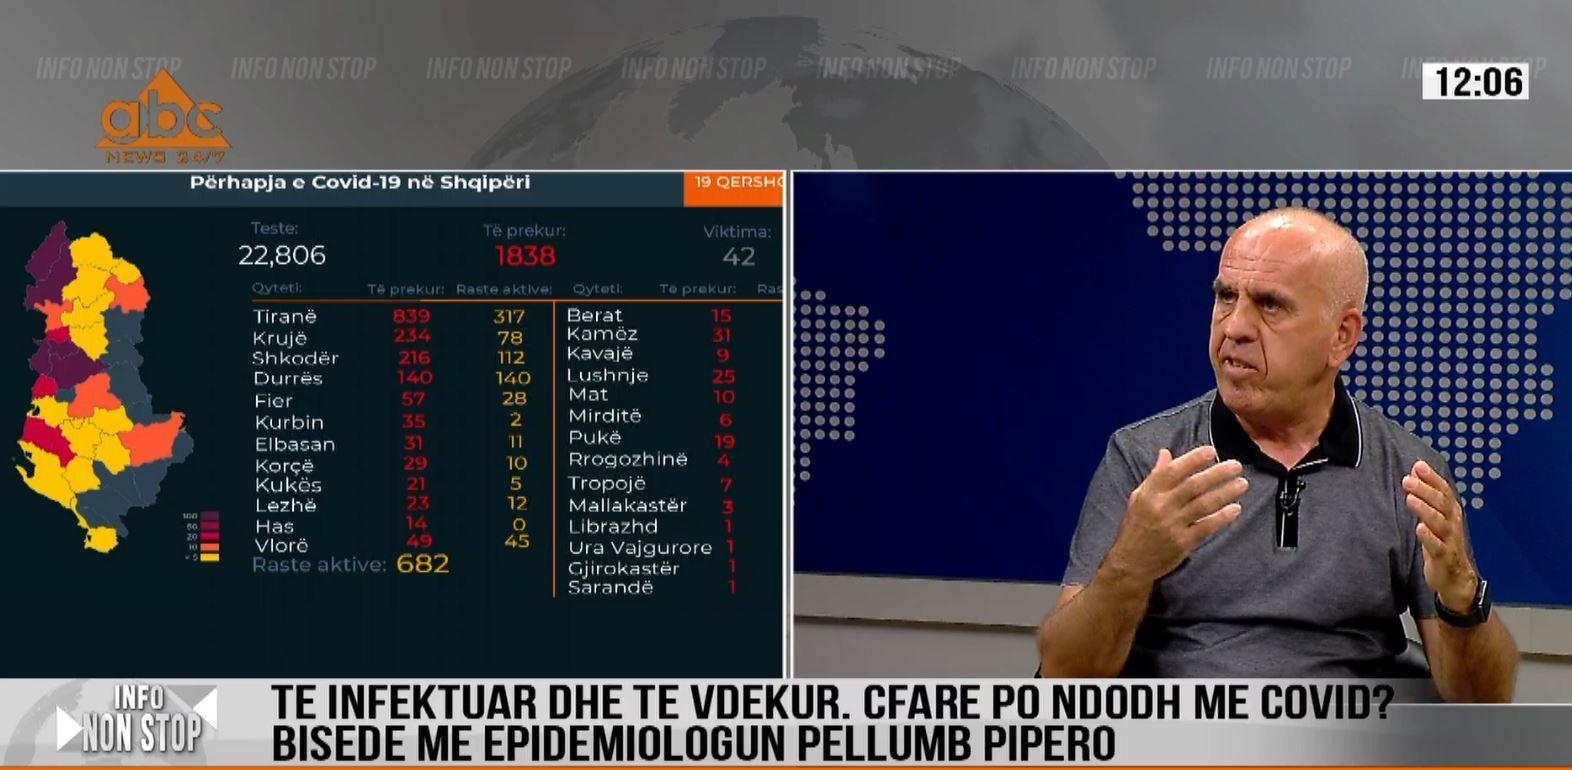 Çfarë i shqetëson bluzat e bardha, Pipero: Jemi në fazën kur duhet bërë hetim inteligjent për Covid-19